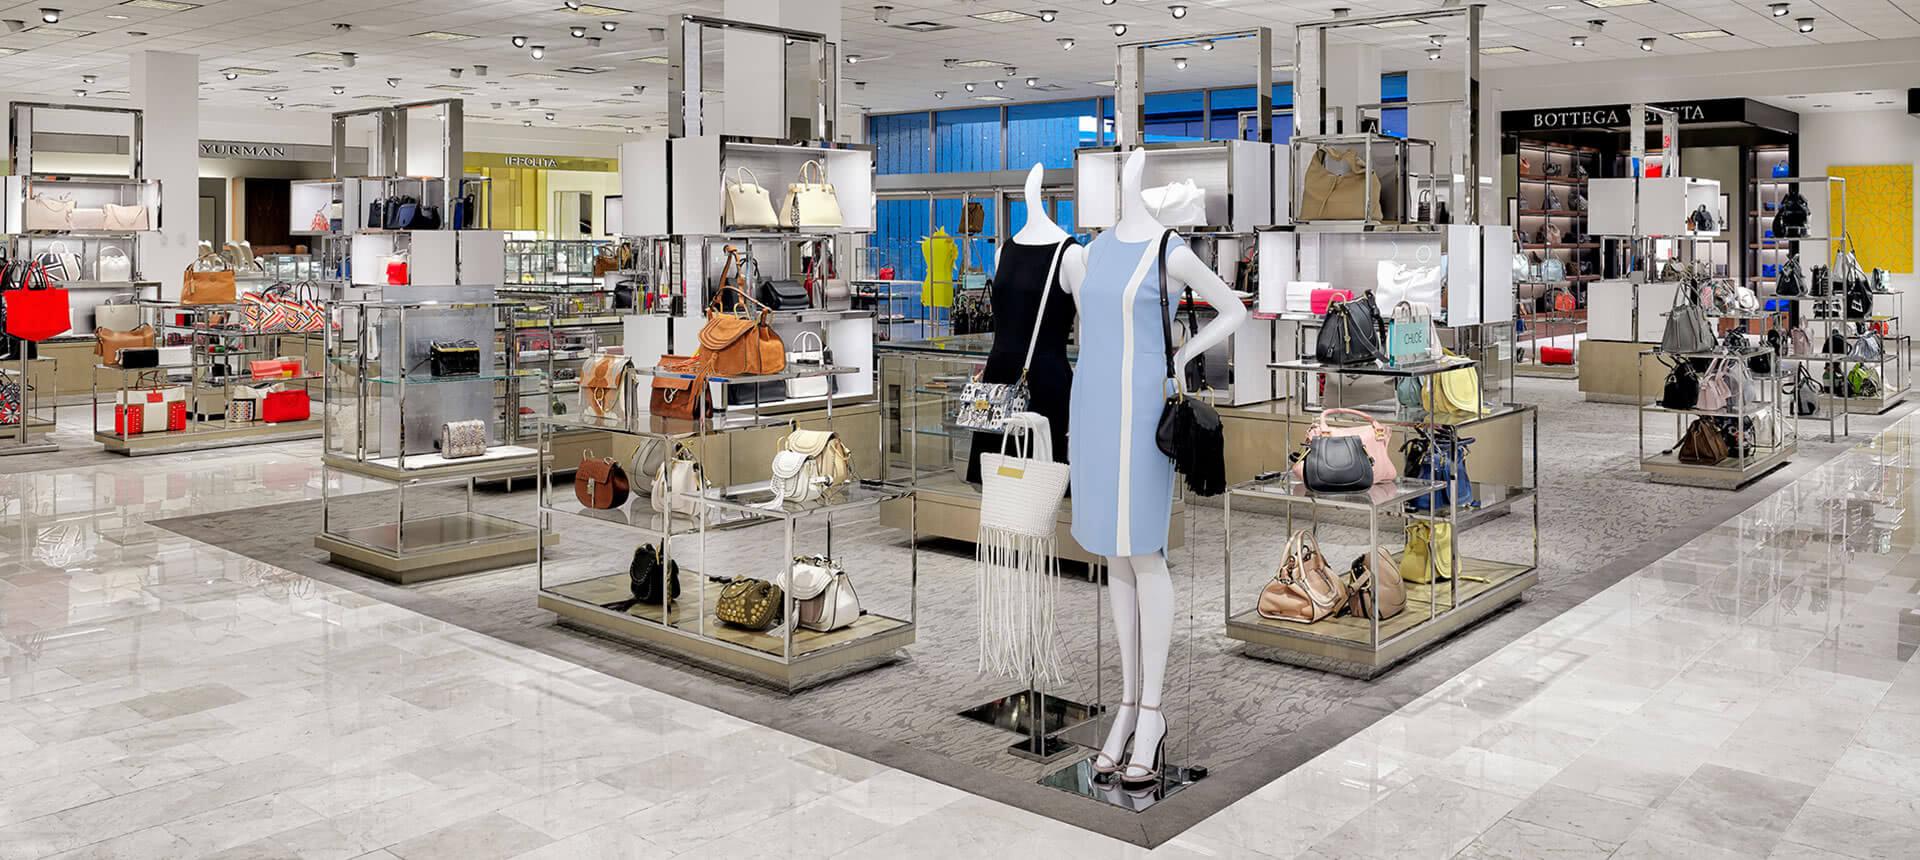 department stores callisonrtkl. Black Bedroom Furniture Sets. Home Design Ideas